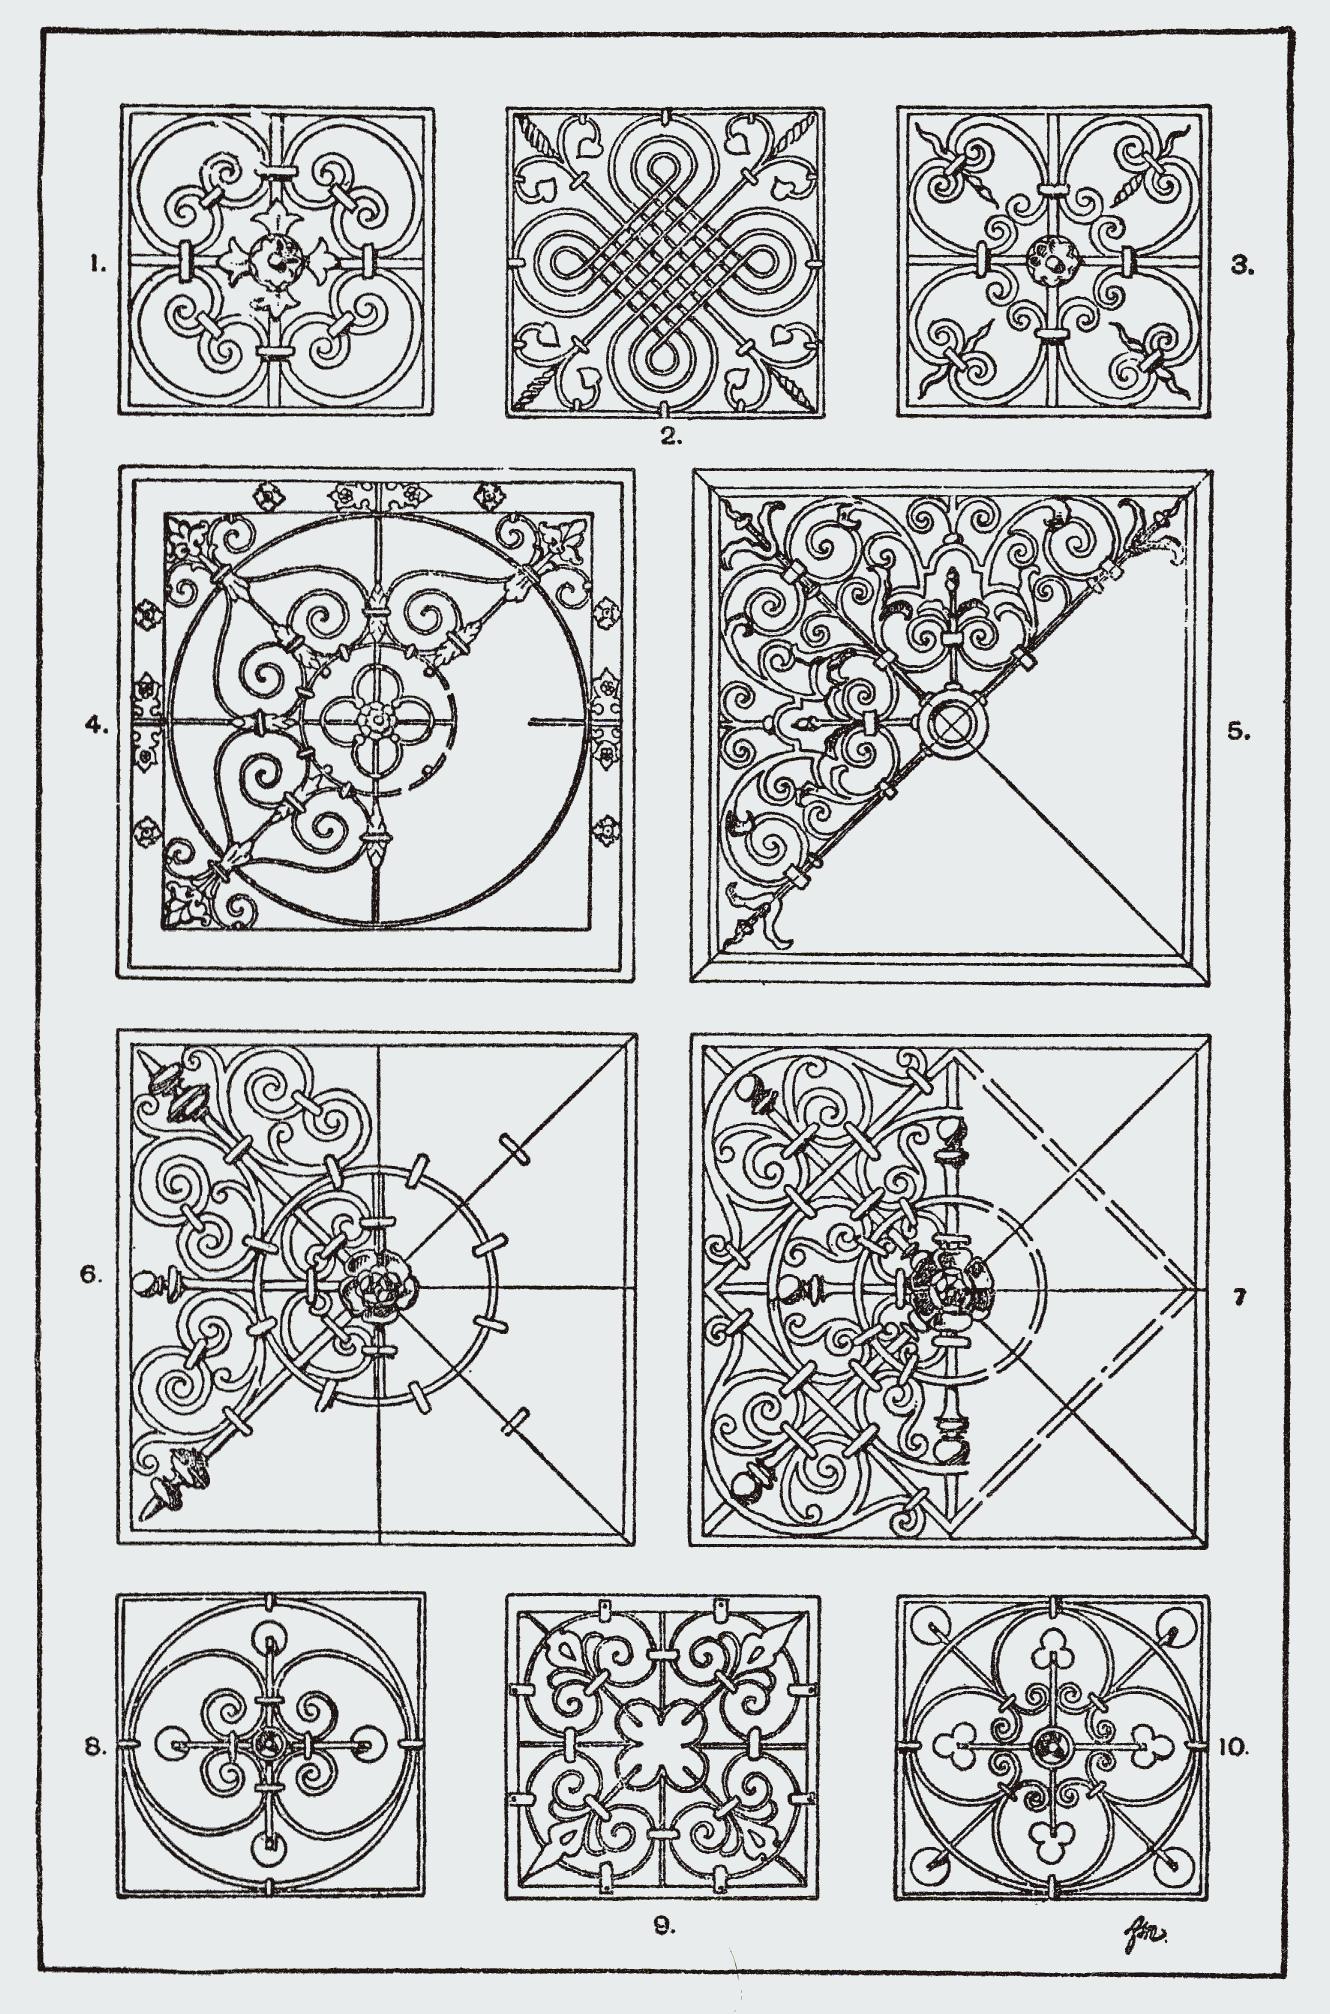 Orna155 Quadrat Png 1 330 2 014 Piks Ornamente Vorlagen Kunstfliesen Islamische Muster